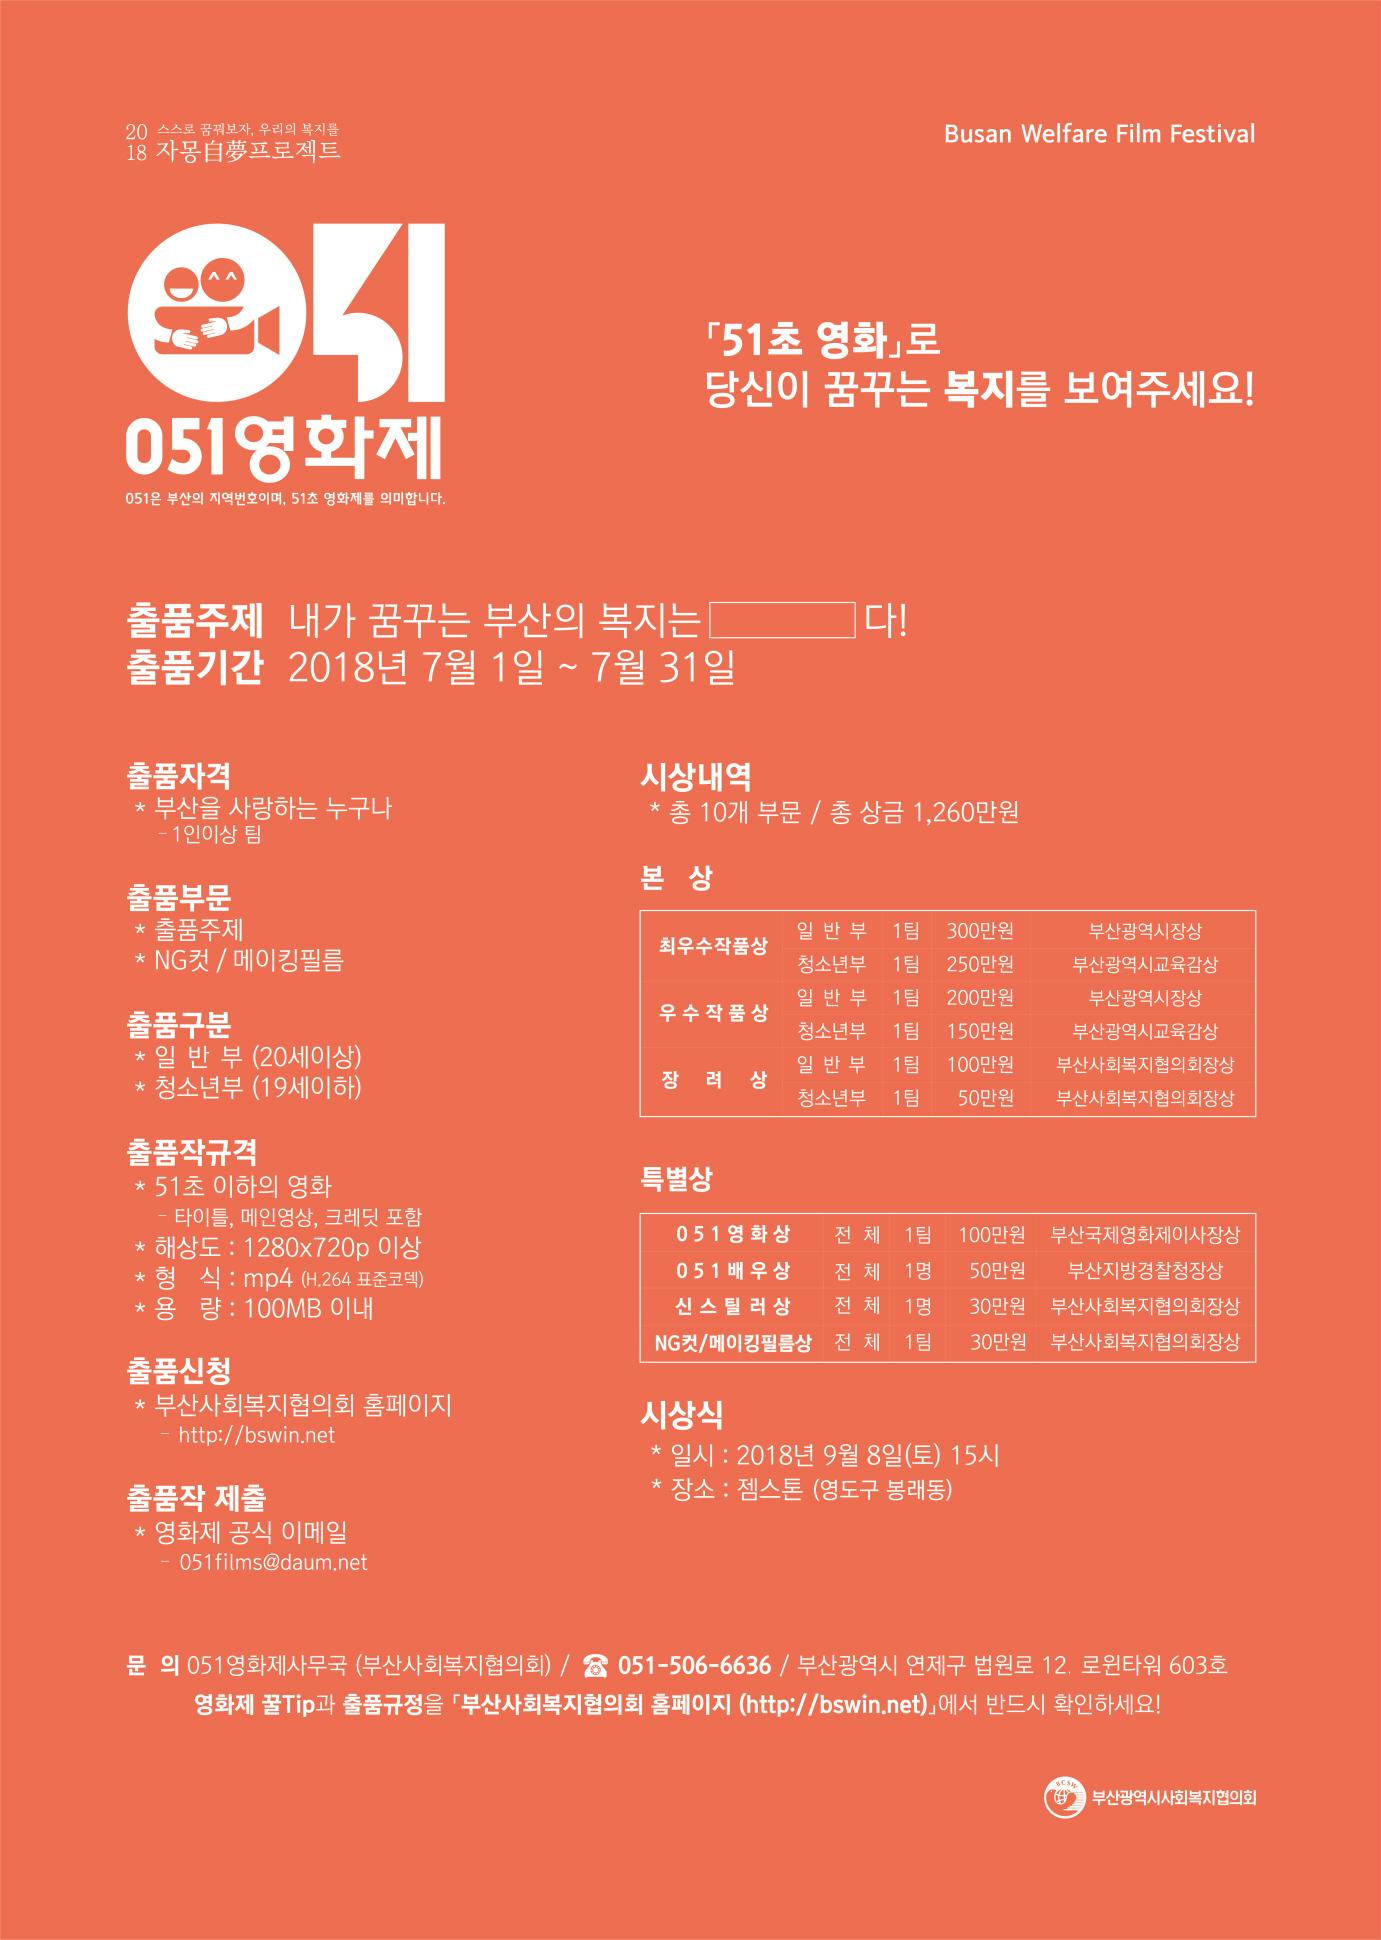 자몽(自夢)프로젝트_2018년 051영화제